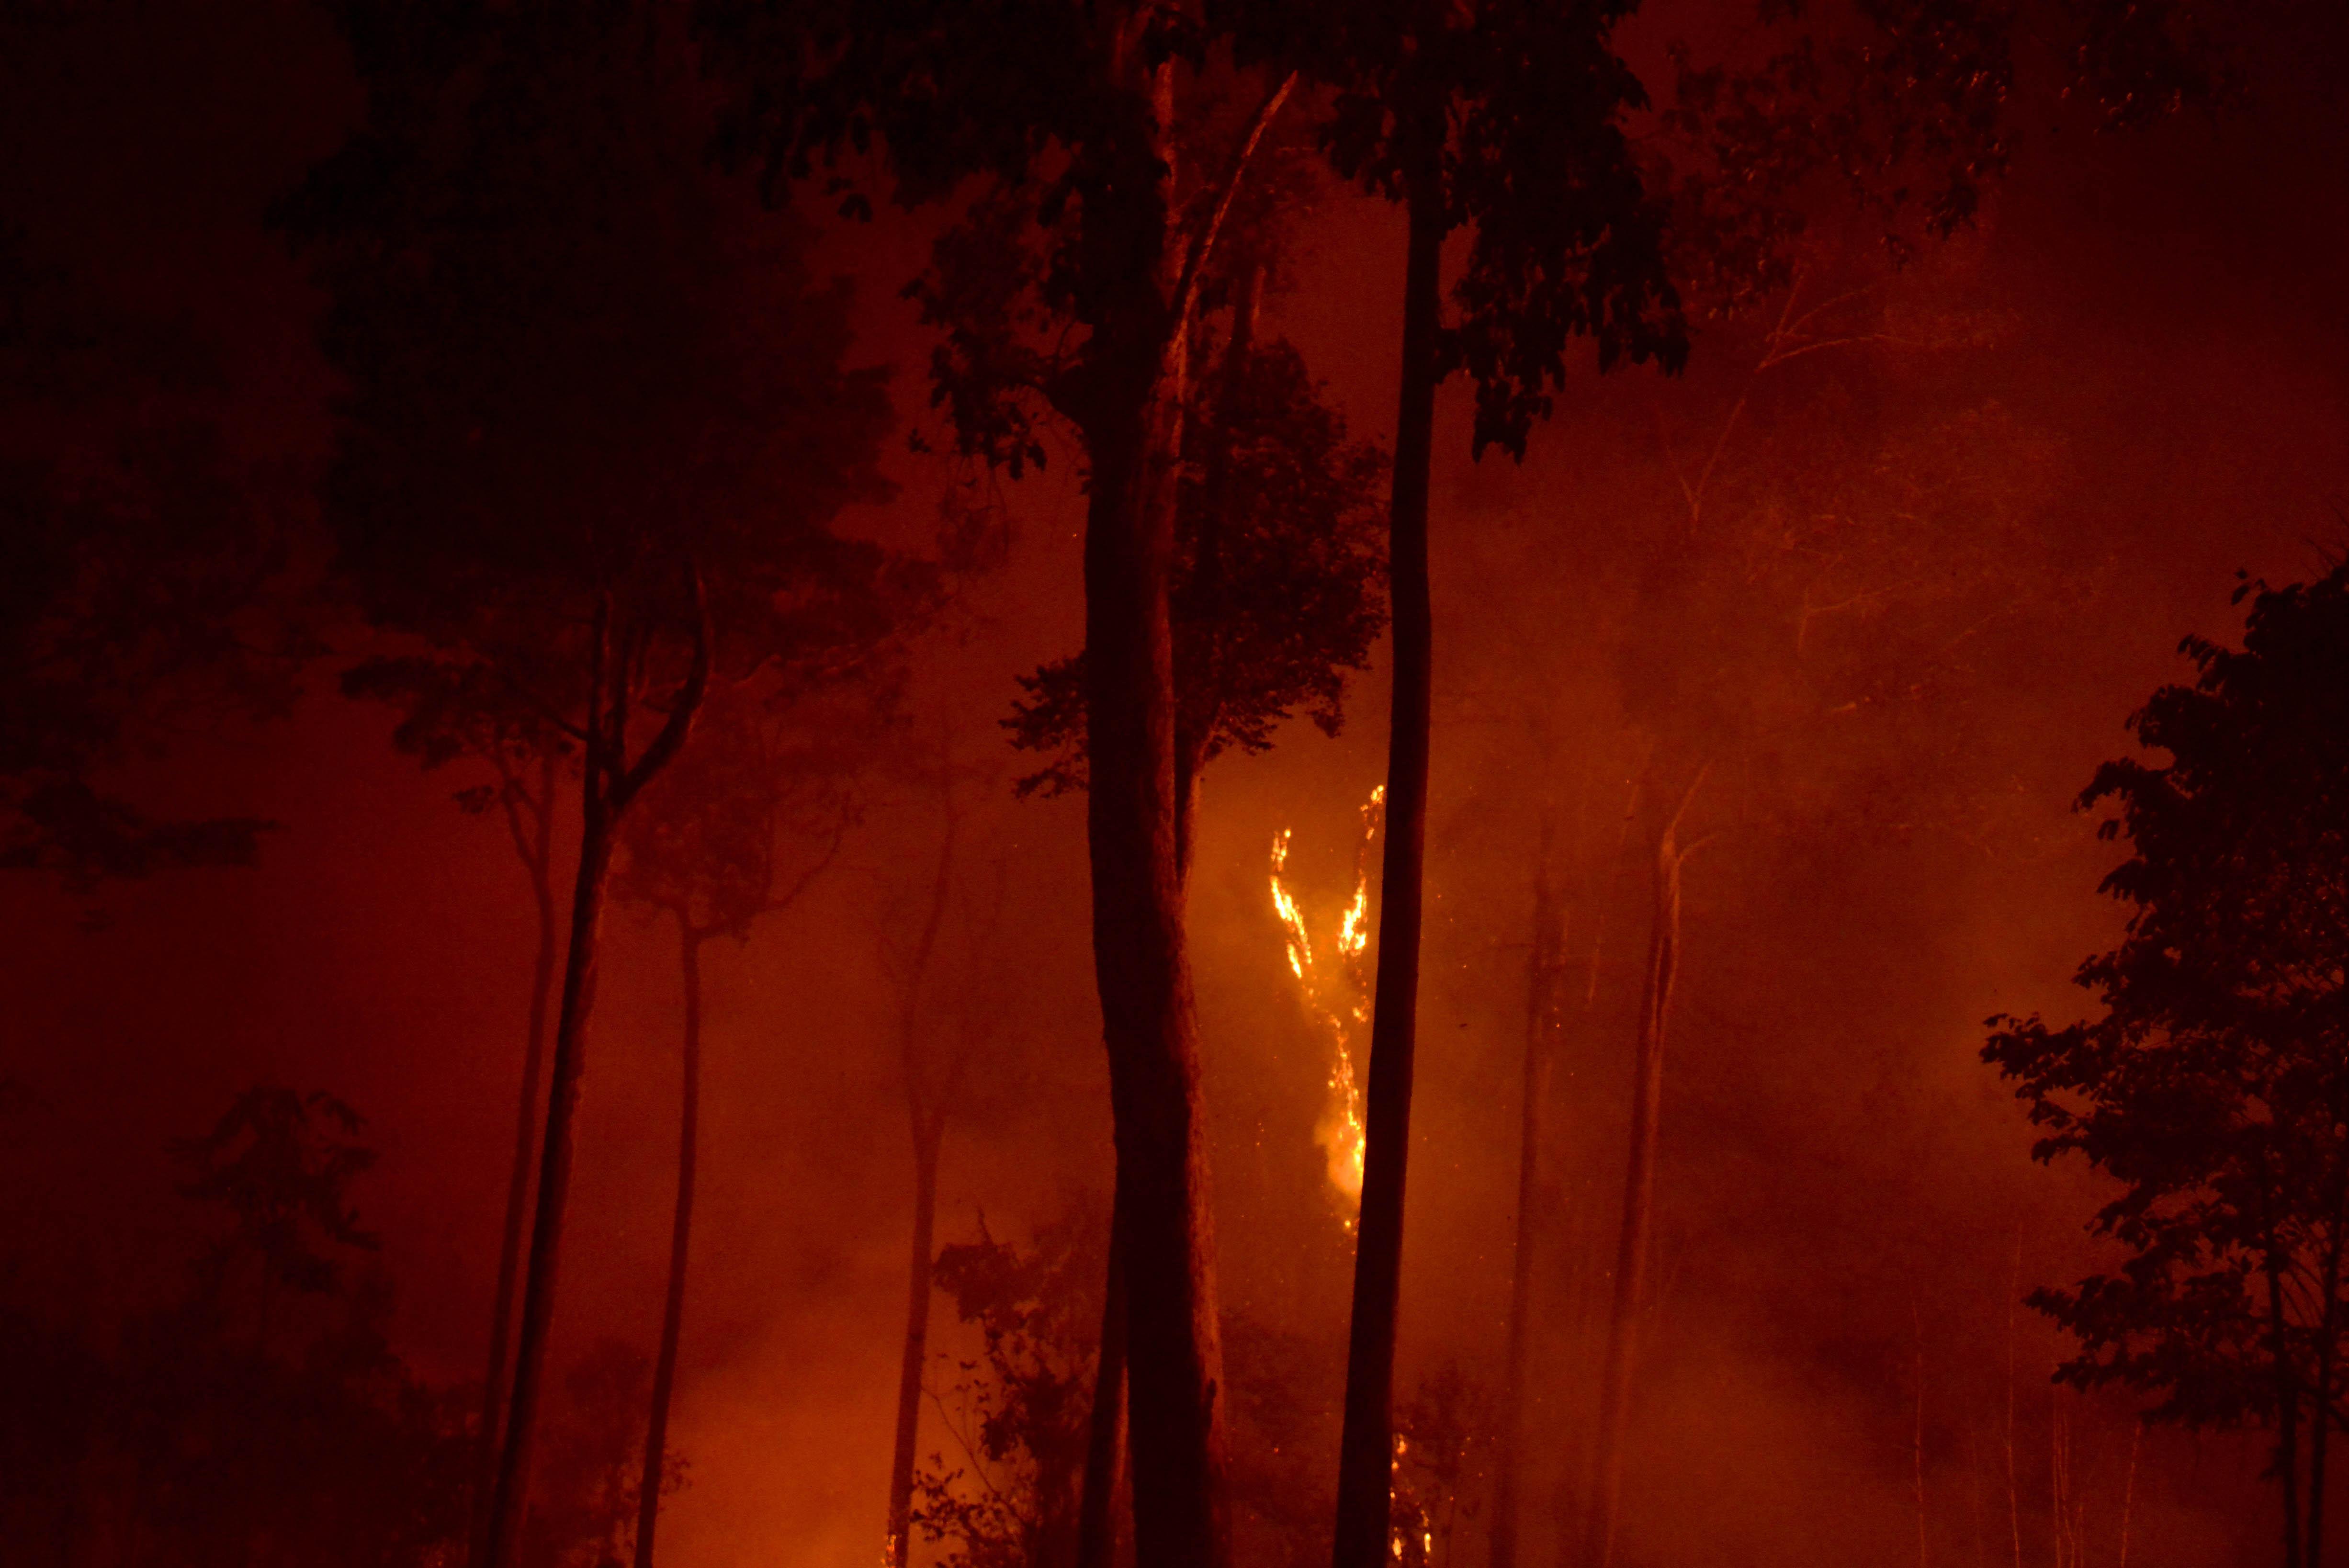 Exposição Amazônia I Os Extremos, imagens denunciam a destruição da floresta